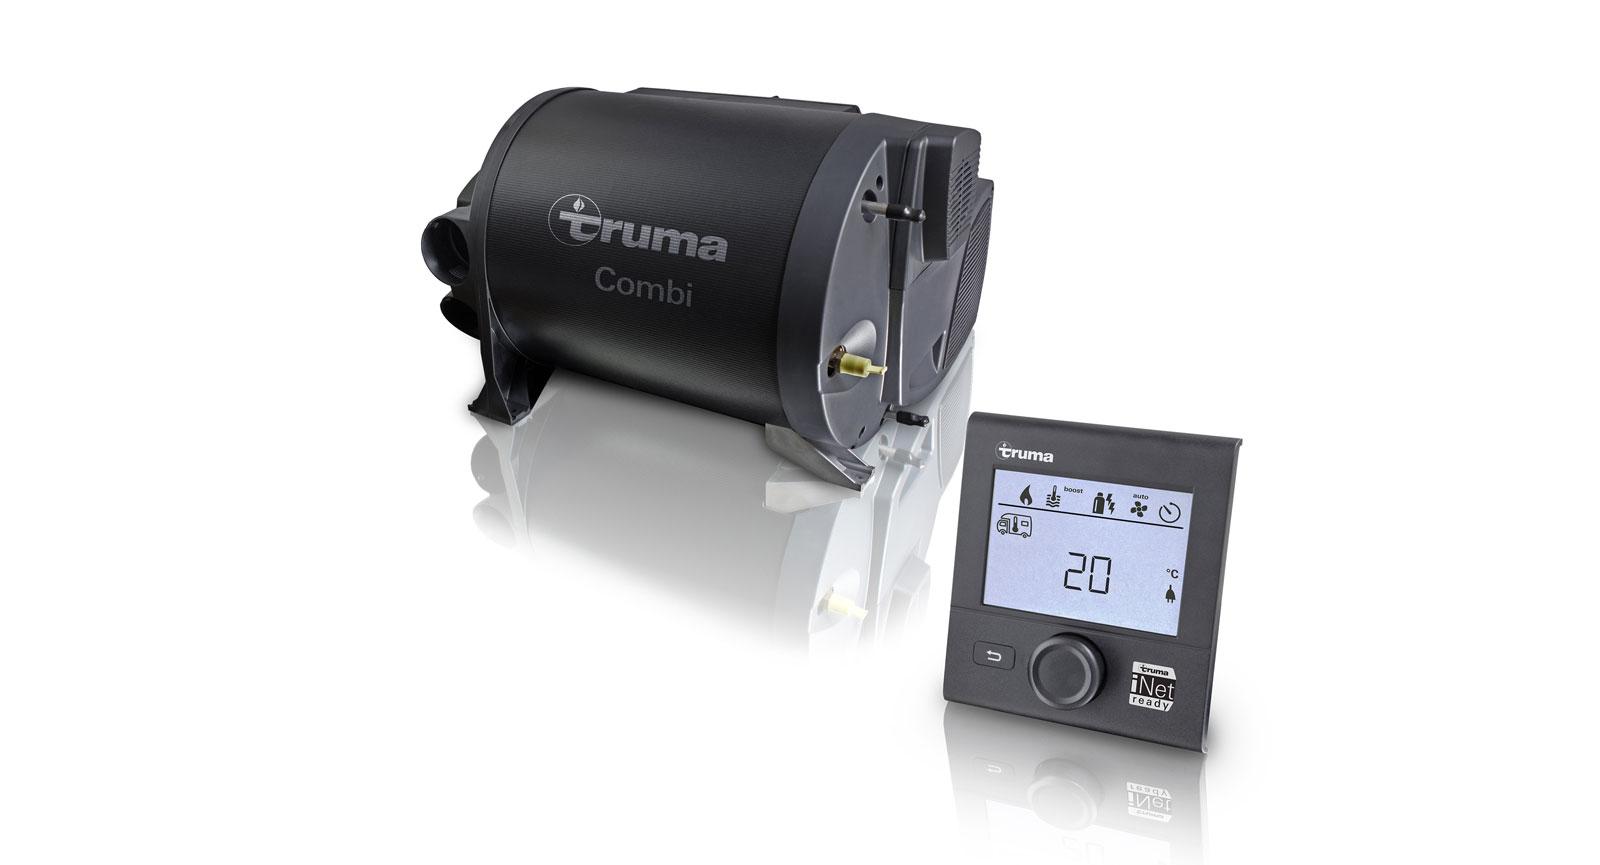 Förutom värmepannan på bilden kan även Trumas aircondition kopplas till iNet.